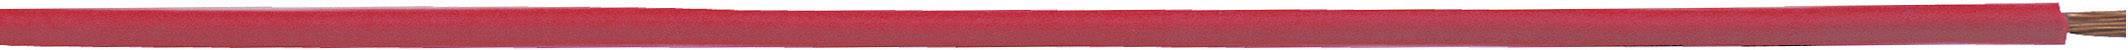 Opletenie / lanko LappKabel 4510002S H05V-K, 1 x 0.75 mm², vonkajší Ø 2.70 mm, 250 m, zelenožltá